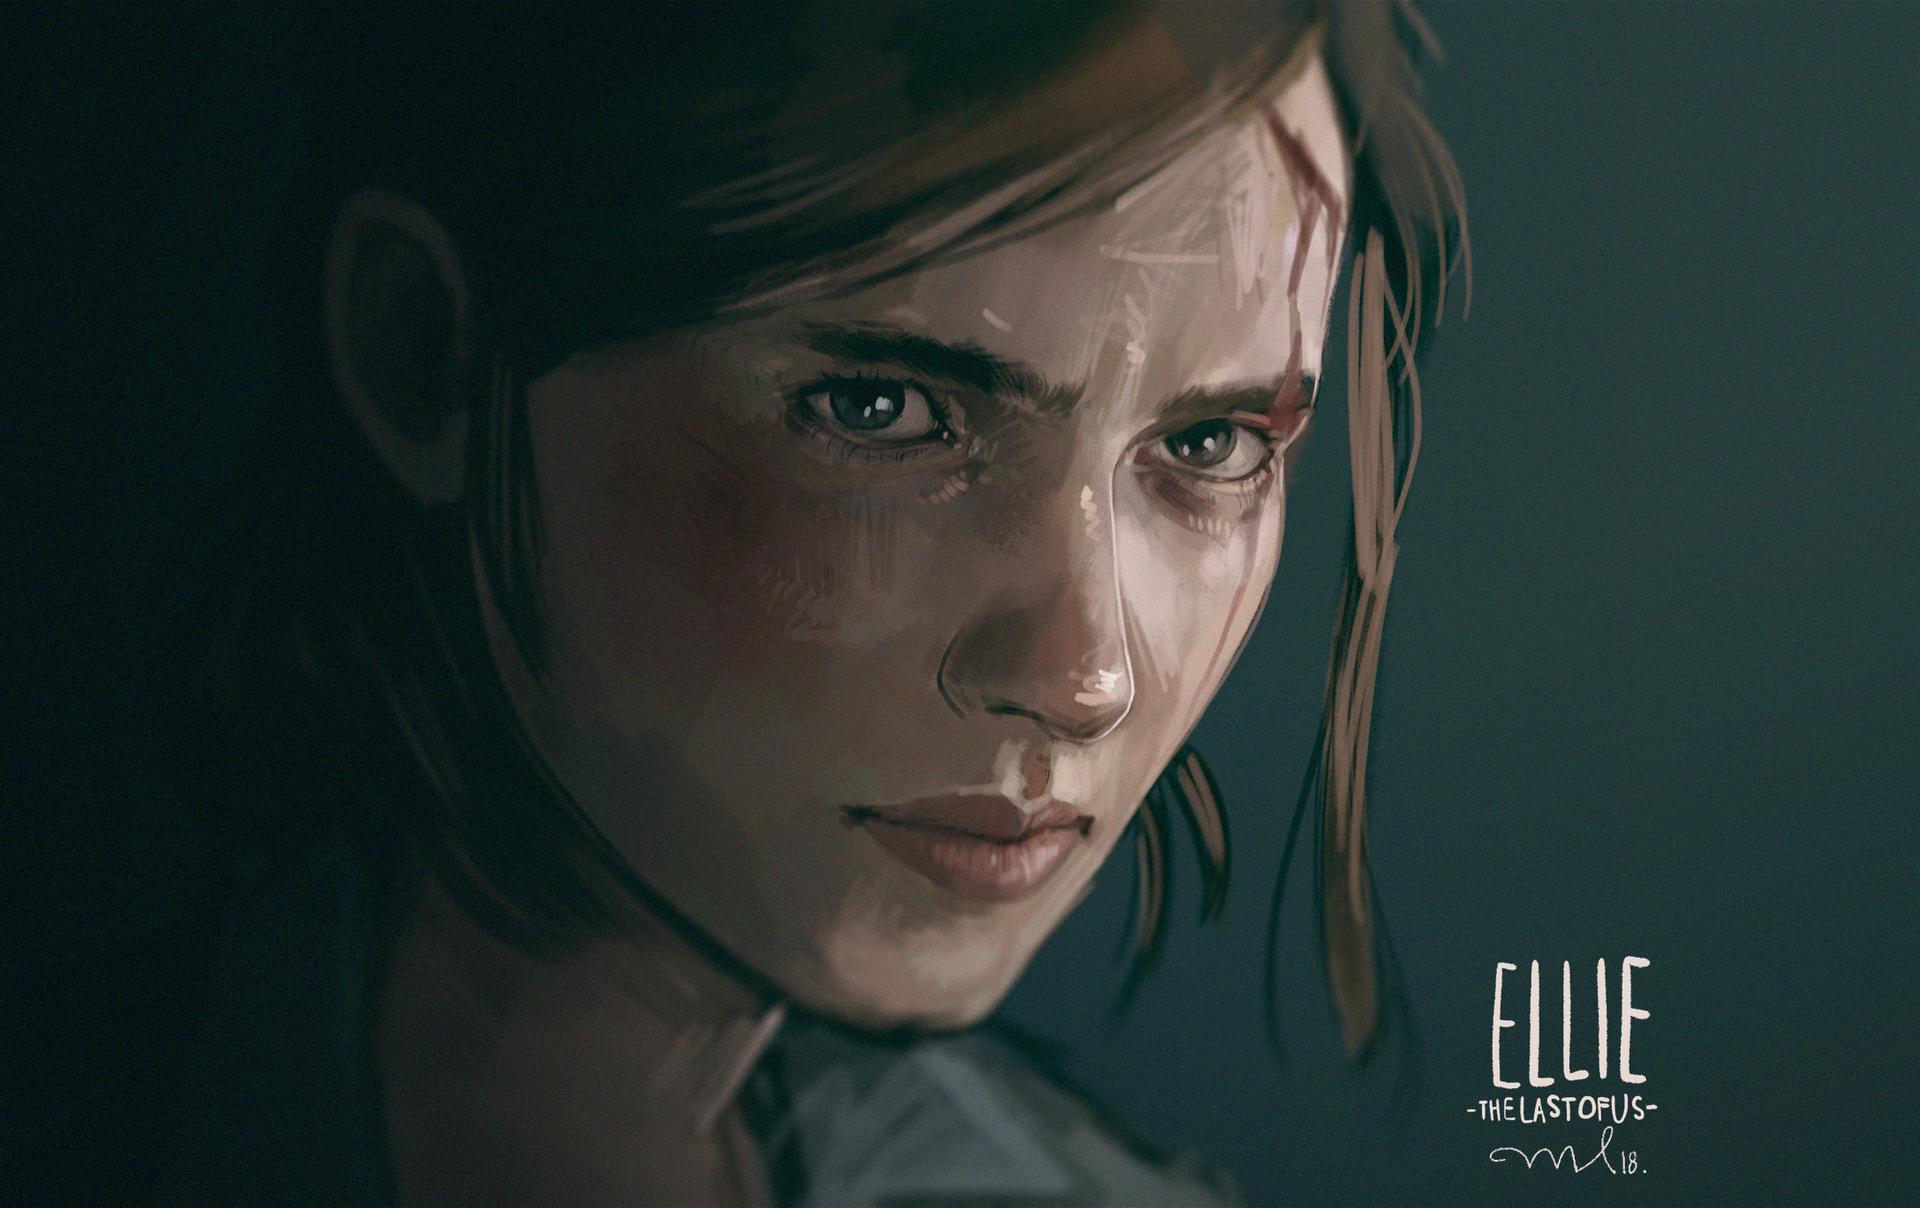 Wallpaper Of Ellie, The Last Of Us Part Ii, Video Game - Last Of Us Part Ii - HD Wallpaper